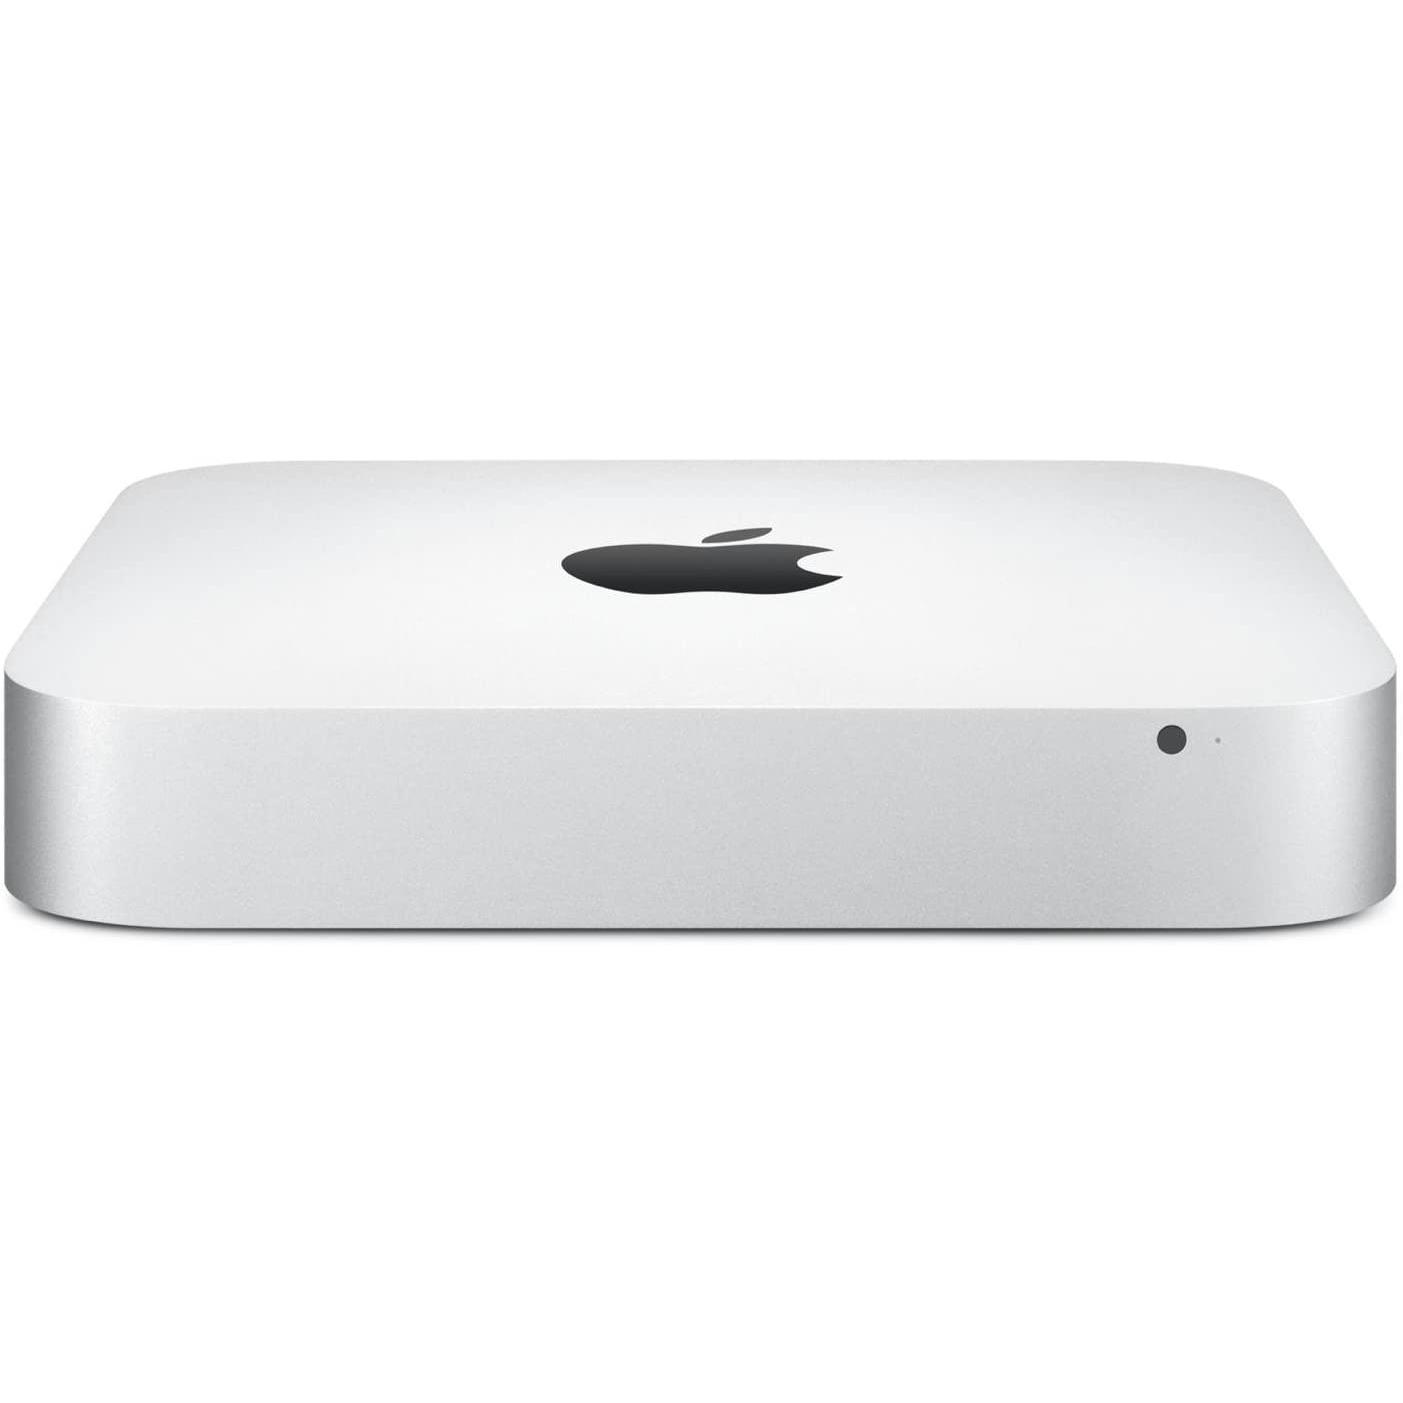 Mac mini (Oktober 2014) Core i5 1,4 GHz - SSD 256 GB - 4GB